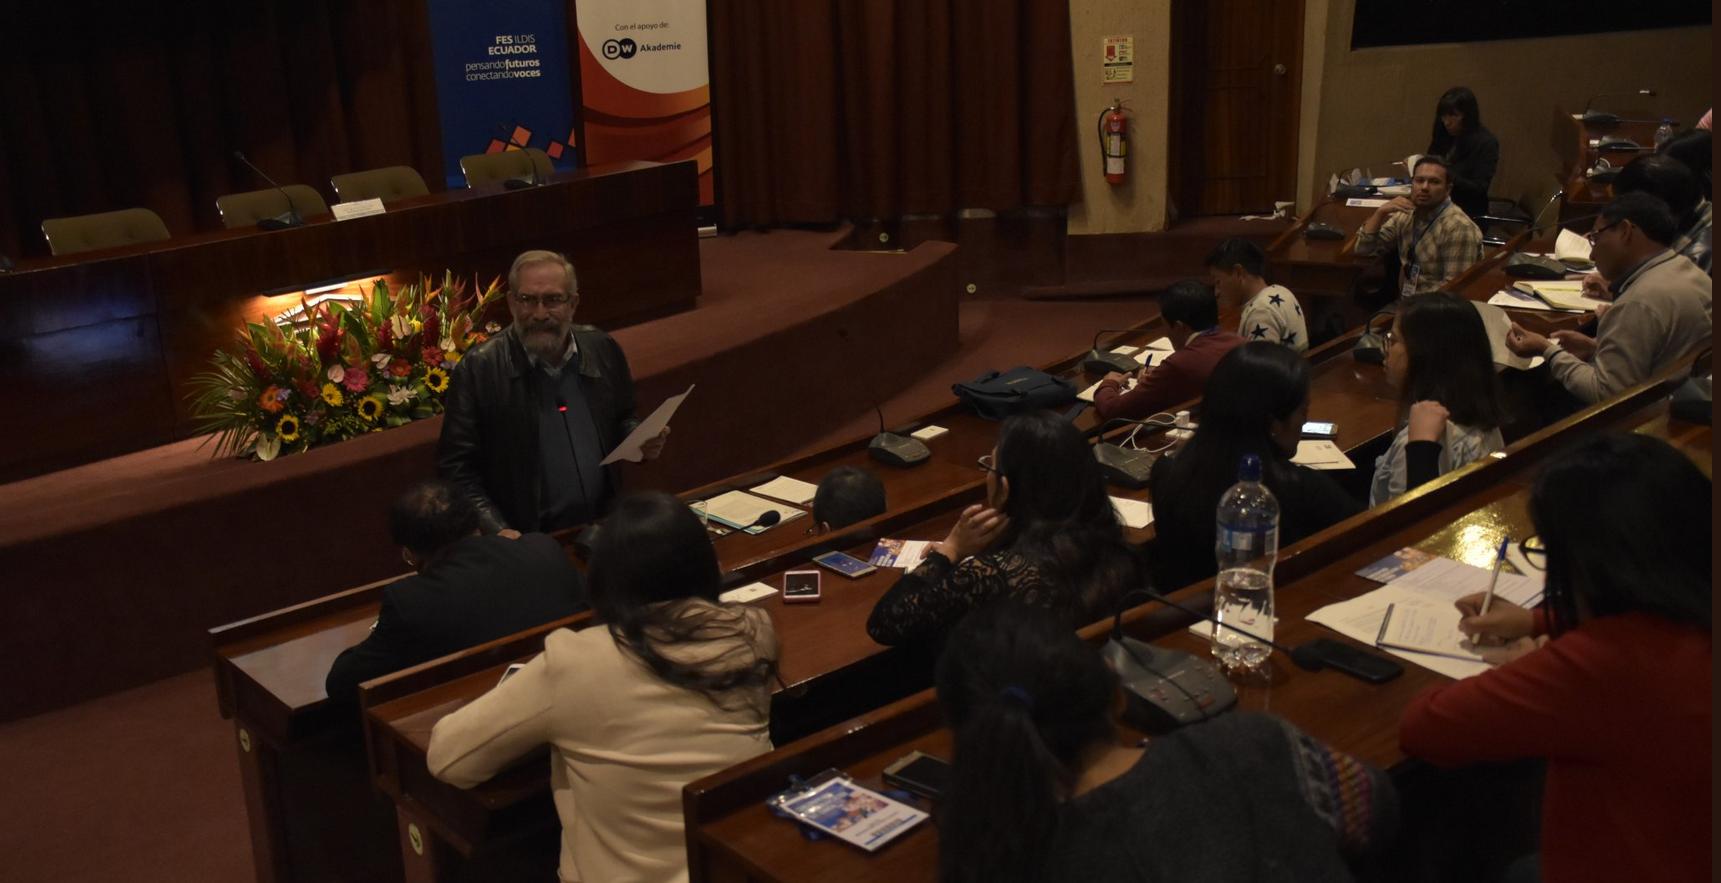 Encuentro de Medios Comunitarios finaliza con propuesta de reformas a la Ley de Comunicación del Ecuador